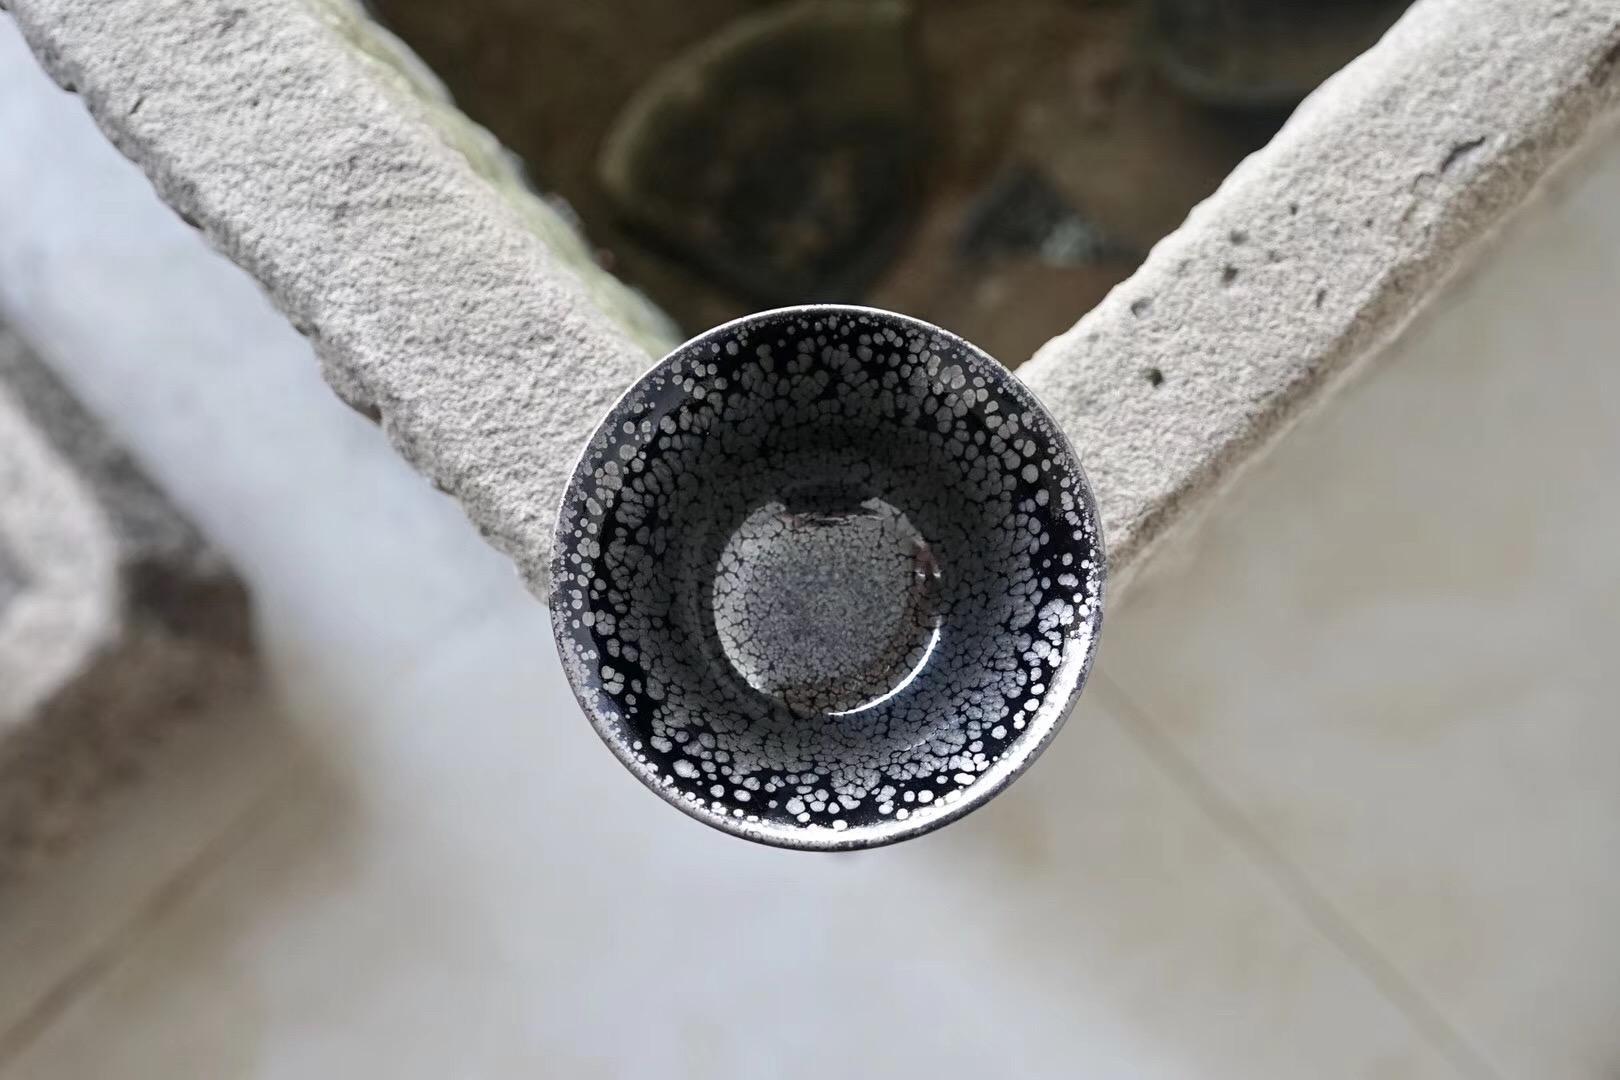 【秋露】金属鹧鸪斑   盏型:将军肚   口径:10.3cm   作者:邱志伟